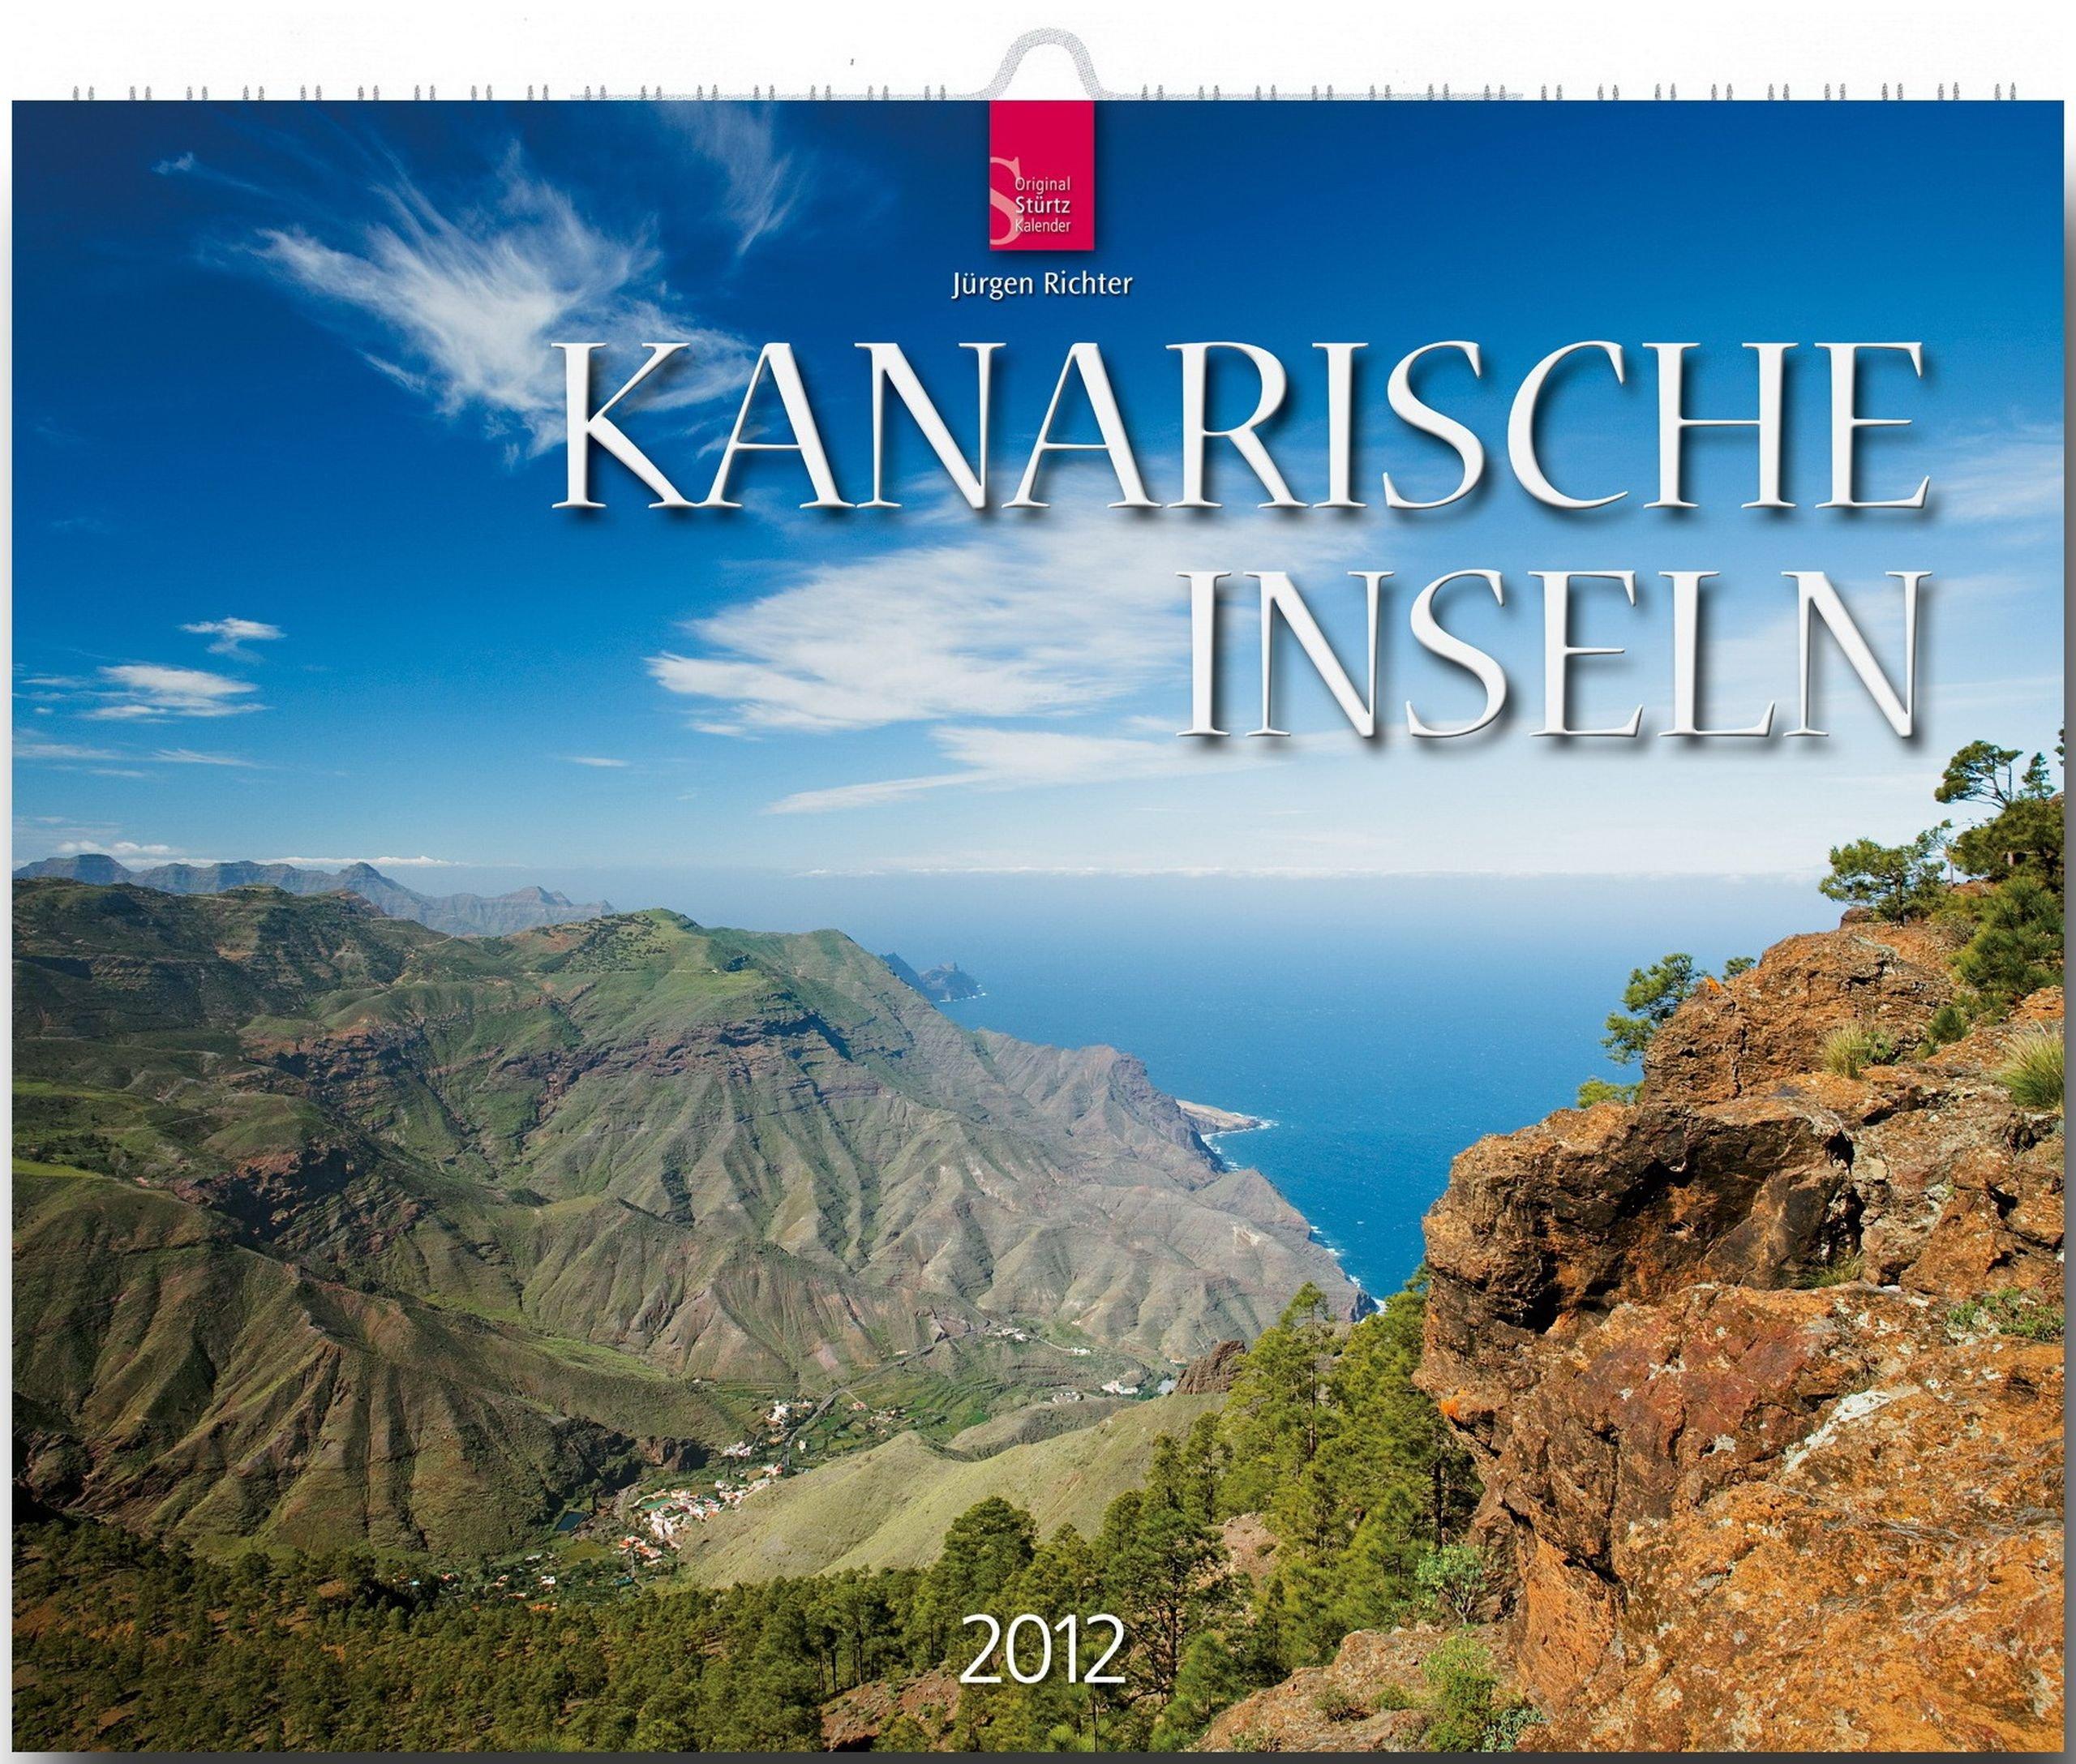 Kanarische Inseln 2012